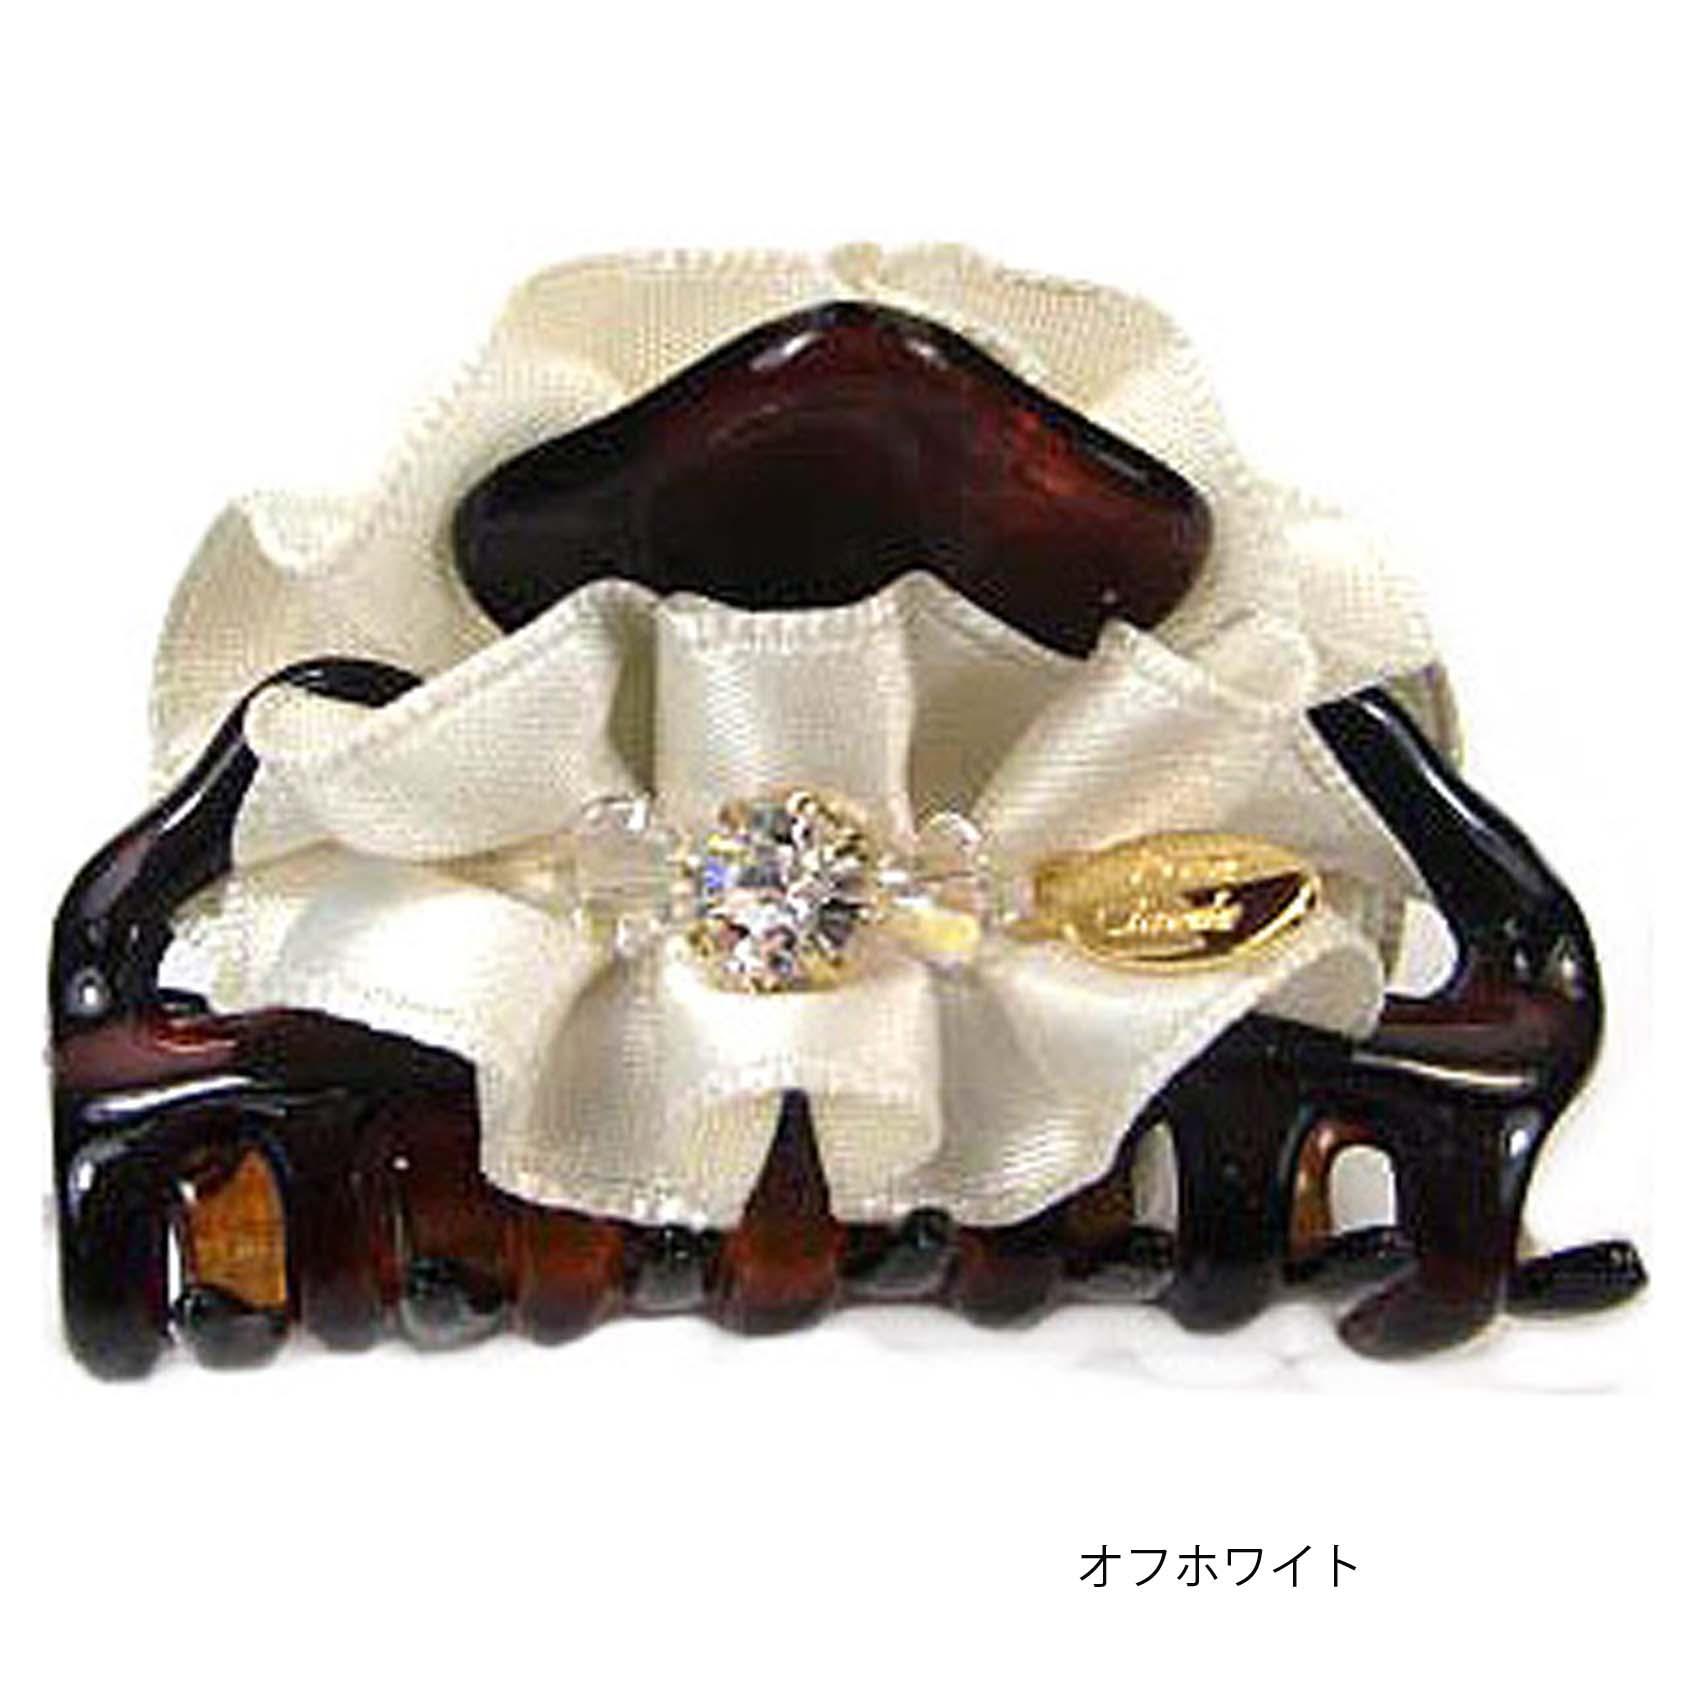 【セール品】レーヌ・クロード デコルAバンス小 品番158160